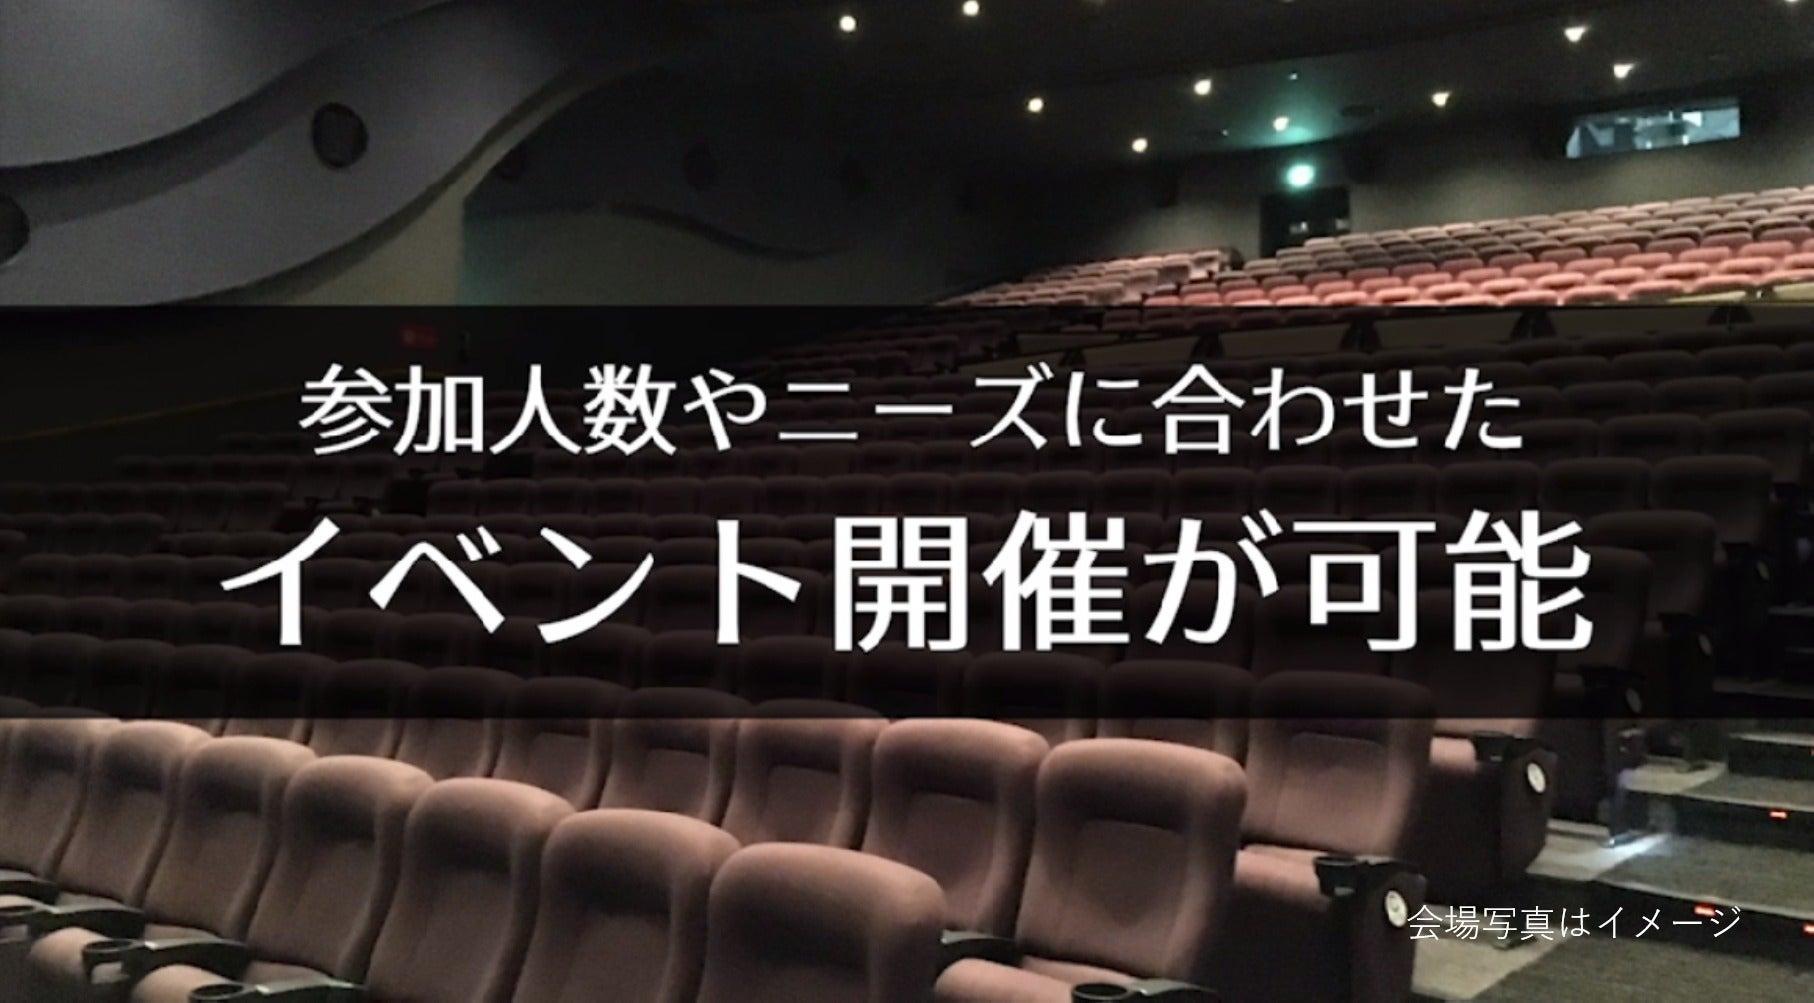 【新潟 219席】映画館で、会社説明会、株主総会、講演会の企画はいかがですか?